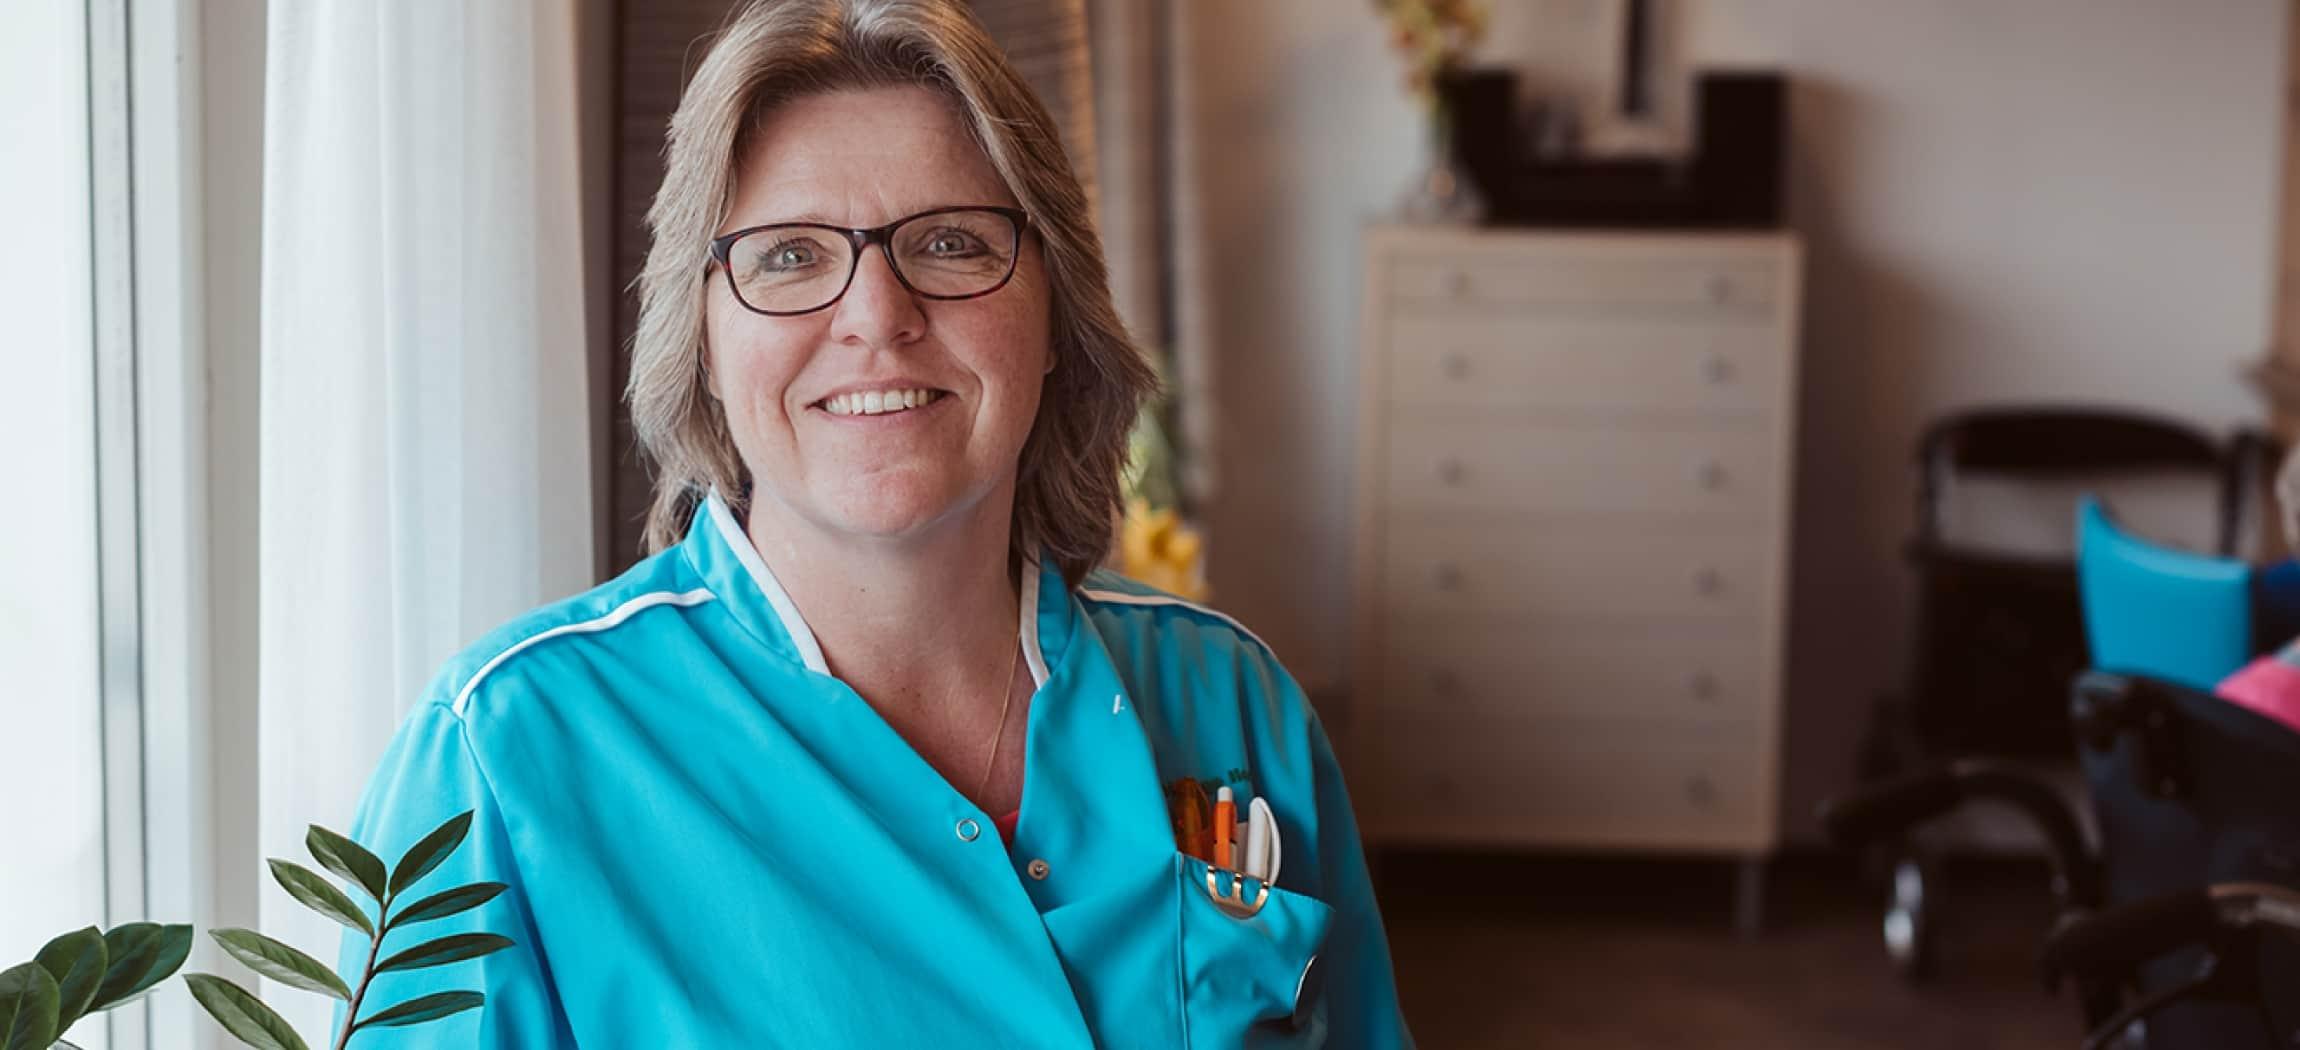 Verzorgende in de ouderenzorg met blauw uniformjasje en blond haar (Petra van Lingen)